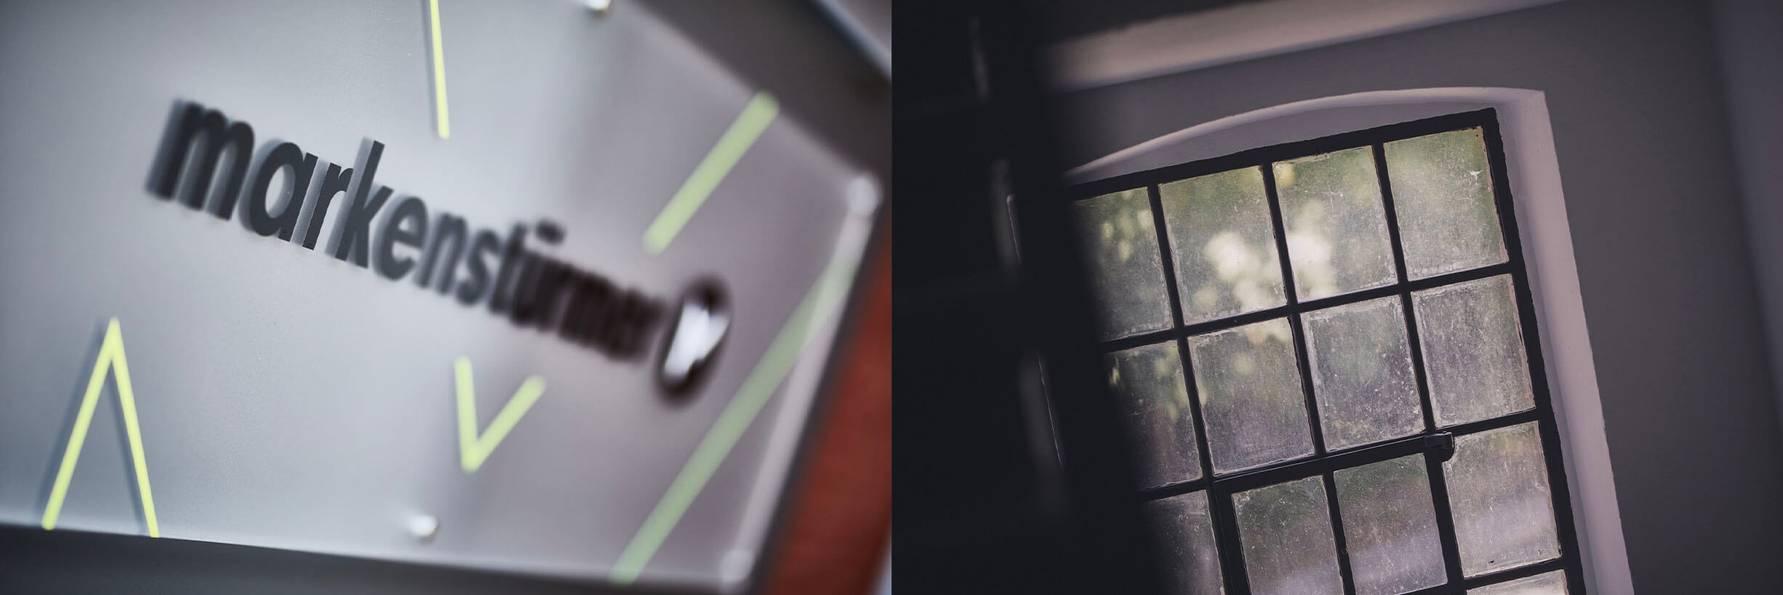 Links: Firmenschild im Eingangsbereich. Rechts: Blick auf ein typisches Fabrikfenster im Treppenhaus.